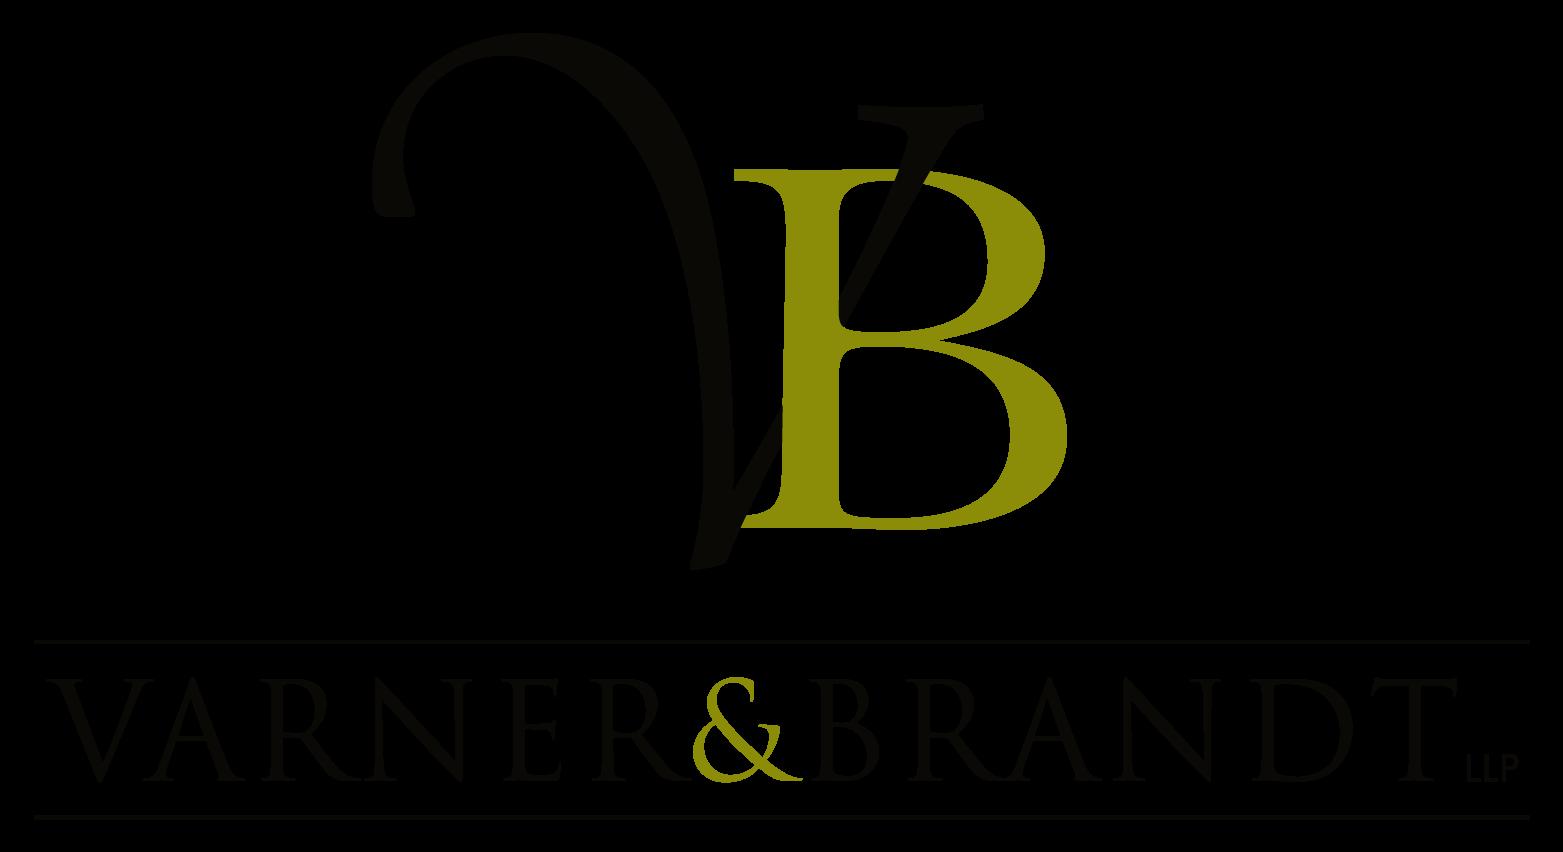 Varner Brandt logo